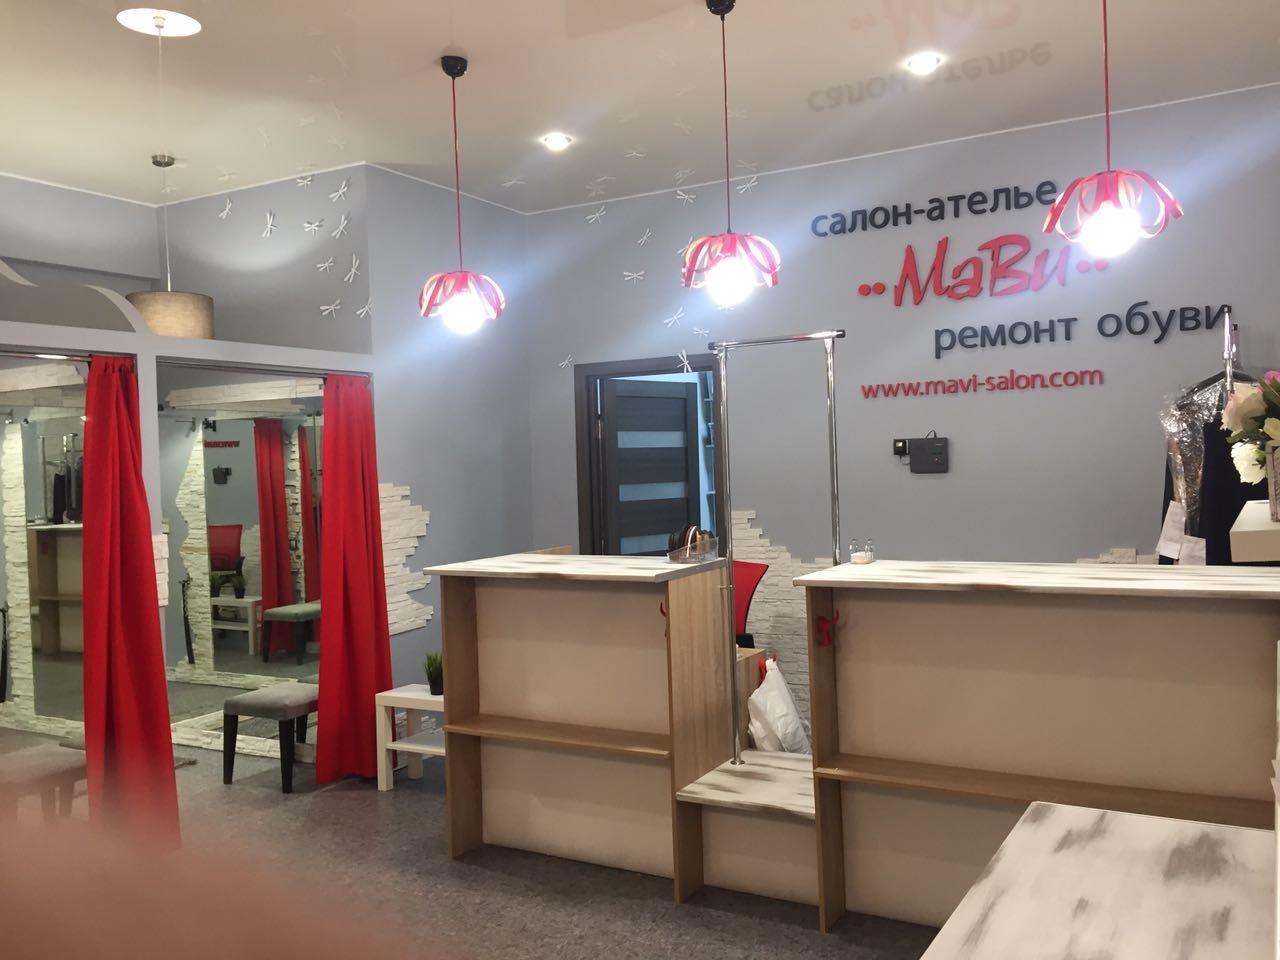 фотография Салона бытовых услуг МаВи на метро Октябрьское поле